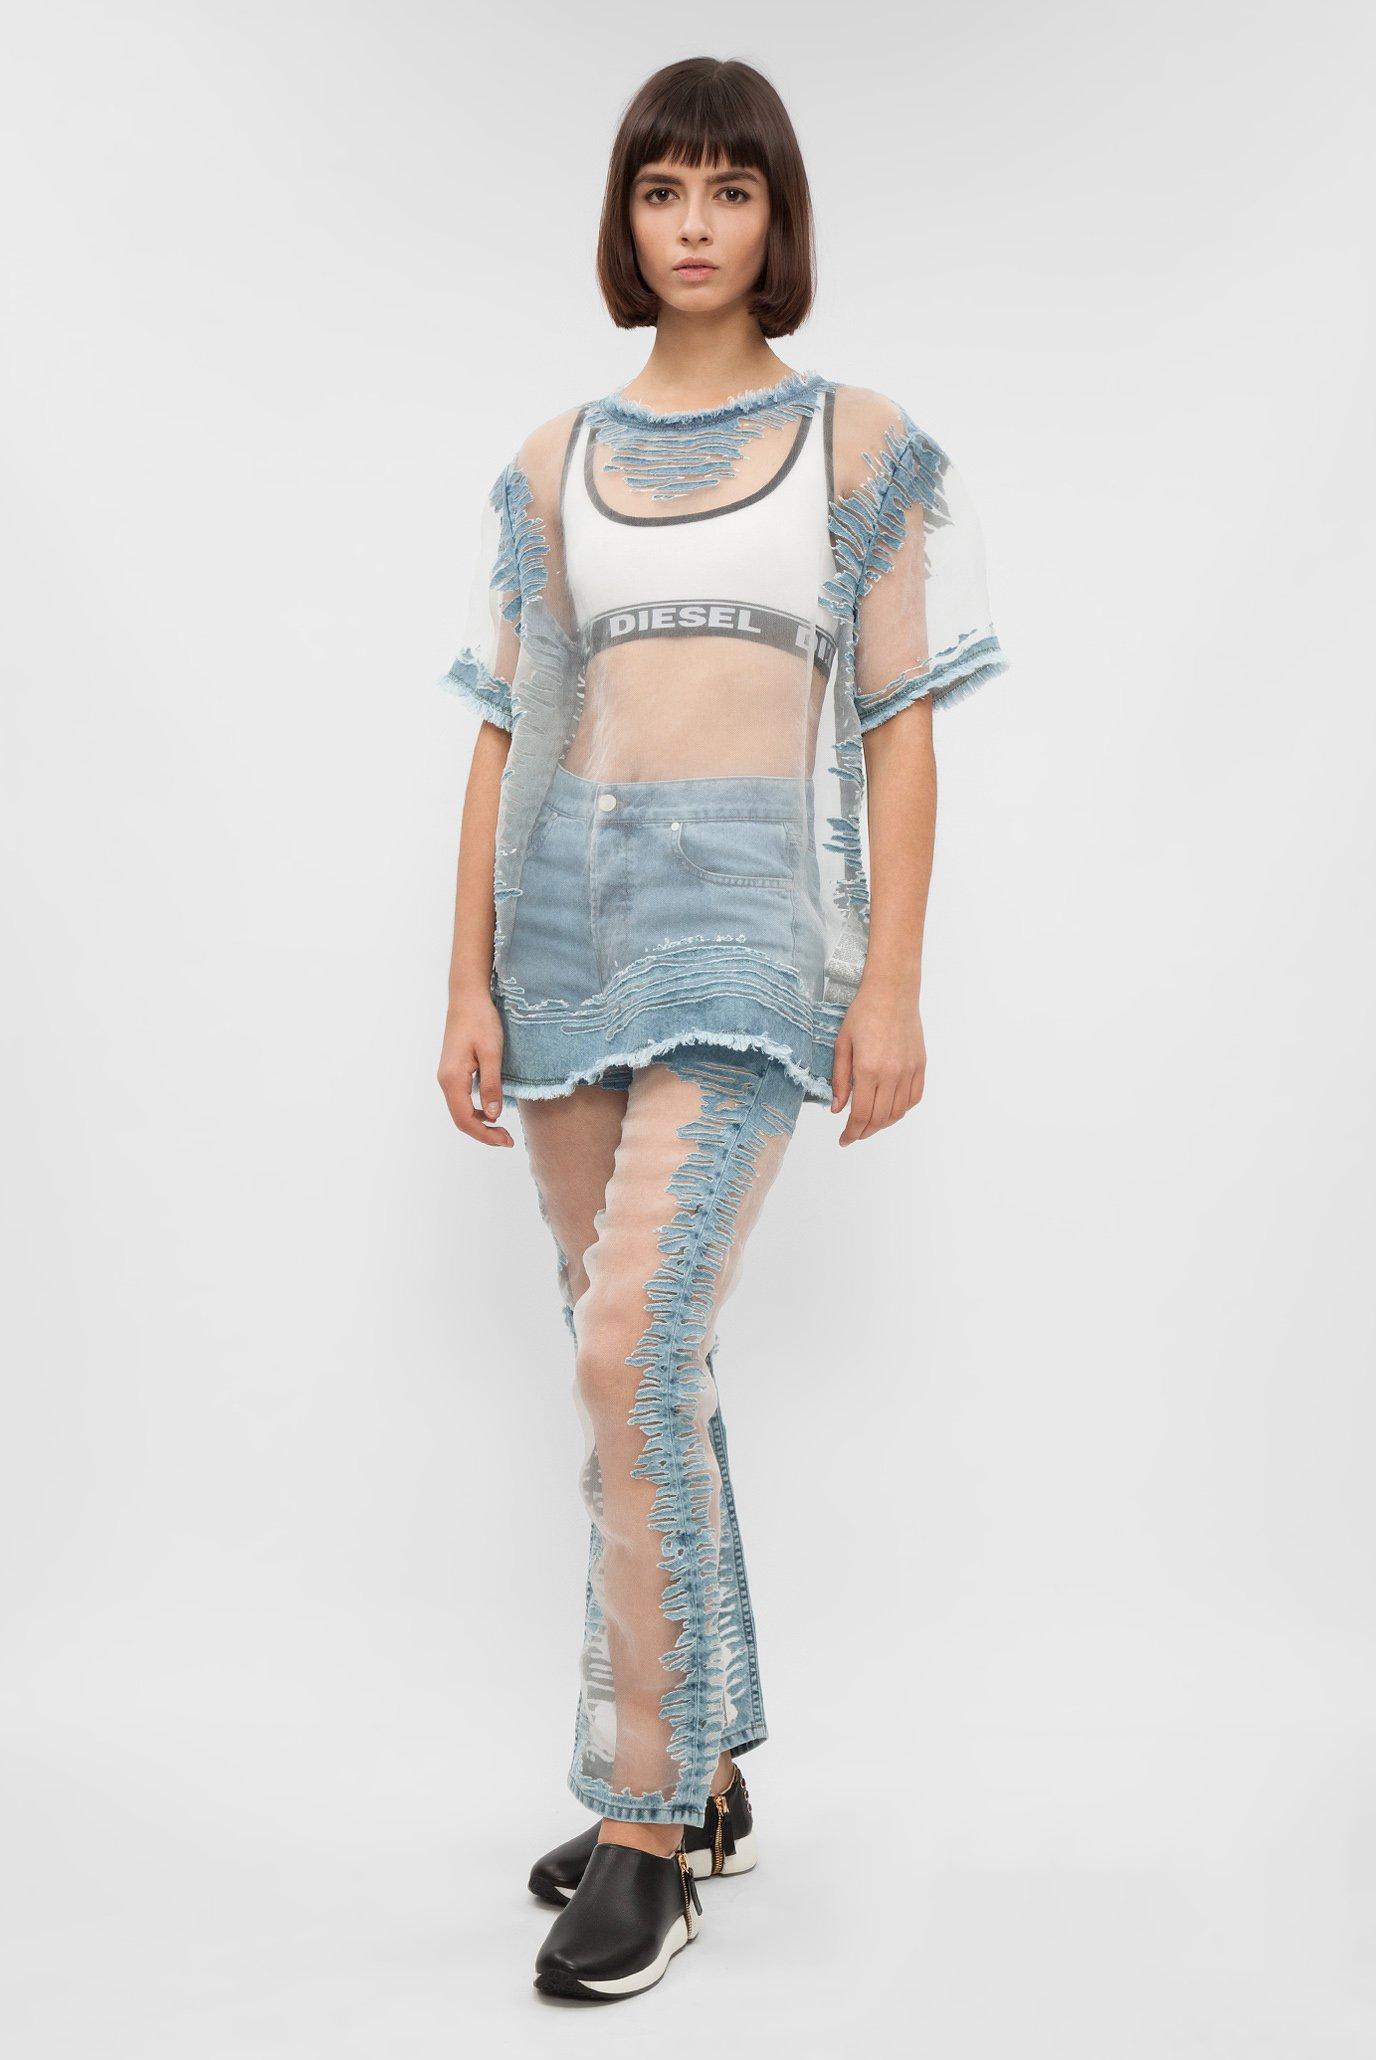 Купить Женская голубая полупрозрачная блуза Diesel Diesel 00SZFH 084LH – Киев, Украина. Цены в интернет магазине MD Fashion